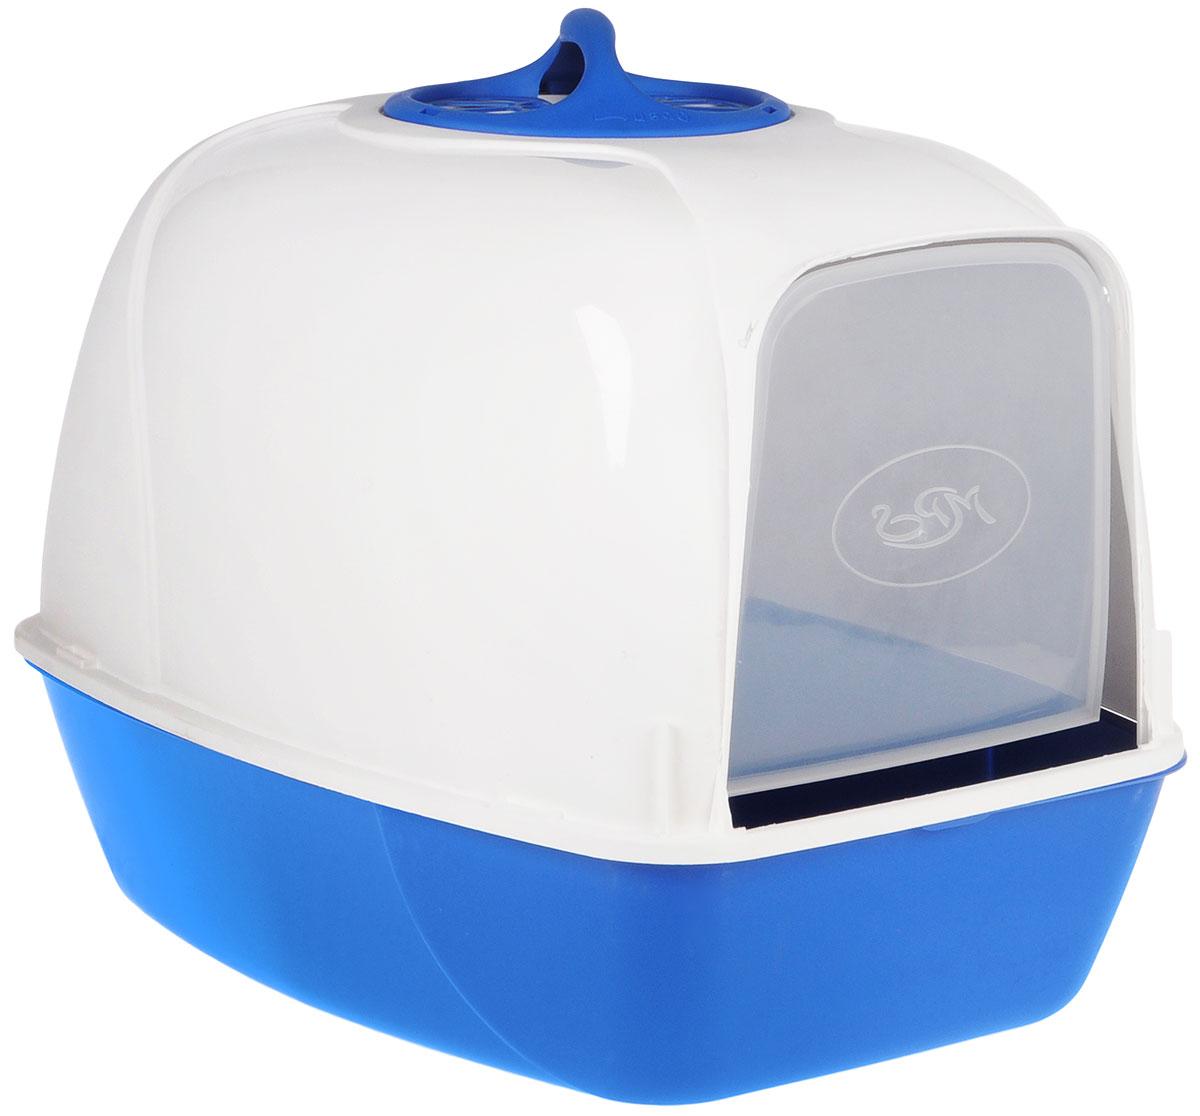 Био-туалет для кошек MPS Pixi, цвет: белый, бирюзовый600701Био-туалет для кошек MPS Pixi, выполненный из нетоксичного пластика в виде домика, поможет вашему питомцу уединиться для удовлетворения своих физиологических потребностей. Туалет оснащен съемной дверцей из прозрачного пластика, которую ваш питомец сможет открыть без труда. Био-туалет не распространяет неприятные запахи, благодаря встроенному угольному фильтру. Кроме того, он обеспечит чистоту в вашей квартире, так как не позволит при закапывании разбрасывать кошке наполнитель вокруг туалета. В комплект входит удобная ручка для переноски.Есть возможность замены угольного фильтра (продается отдельно). Товар сертифицирован.